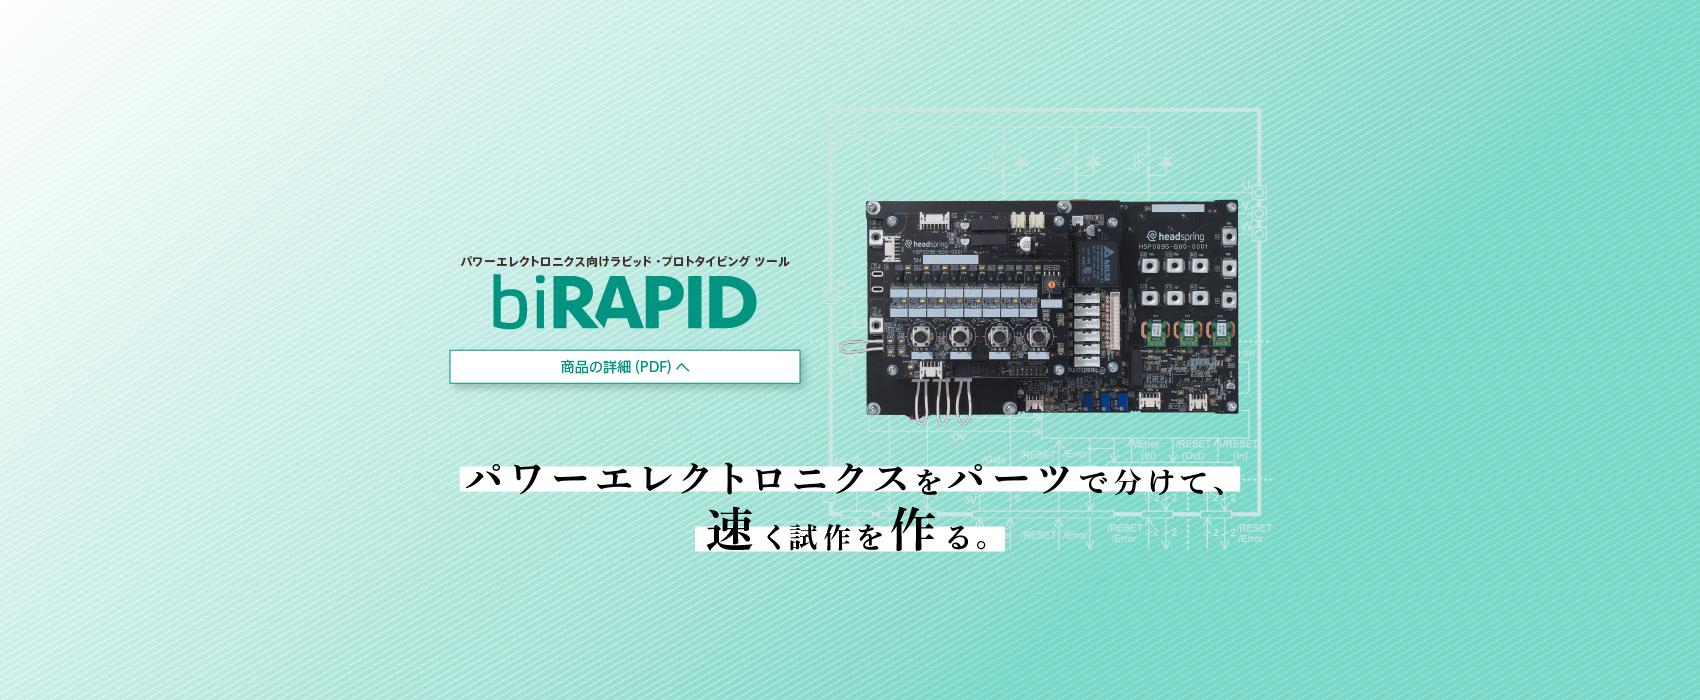 パワエレ開発用ラピッドプロトタイピングツールbiRAPID:SiC/GaNの迅速な試作を実現